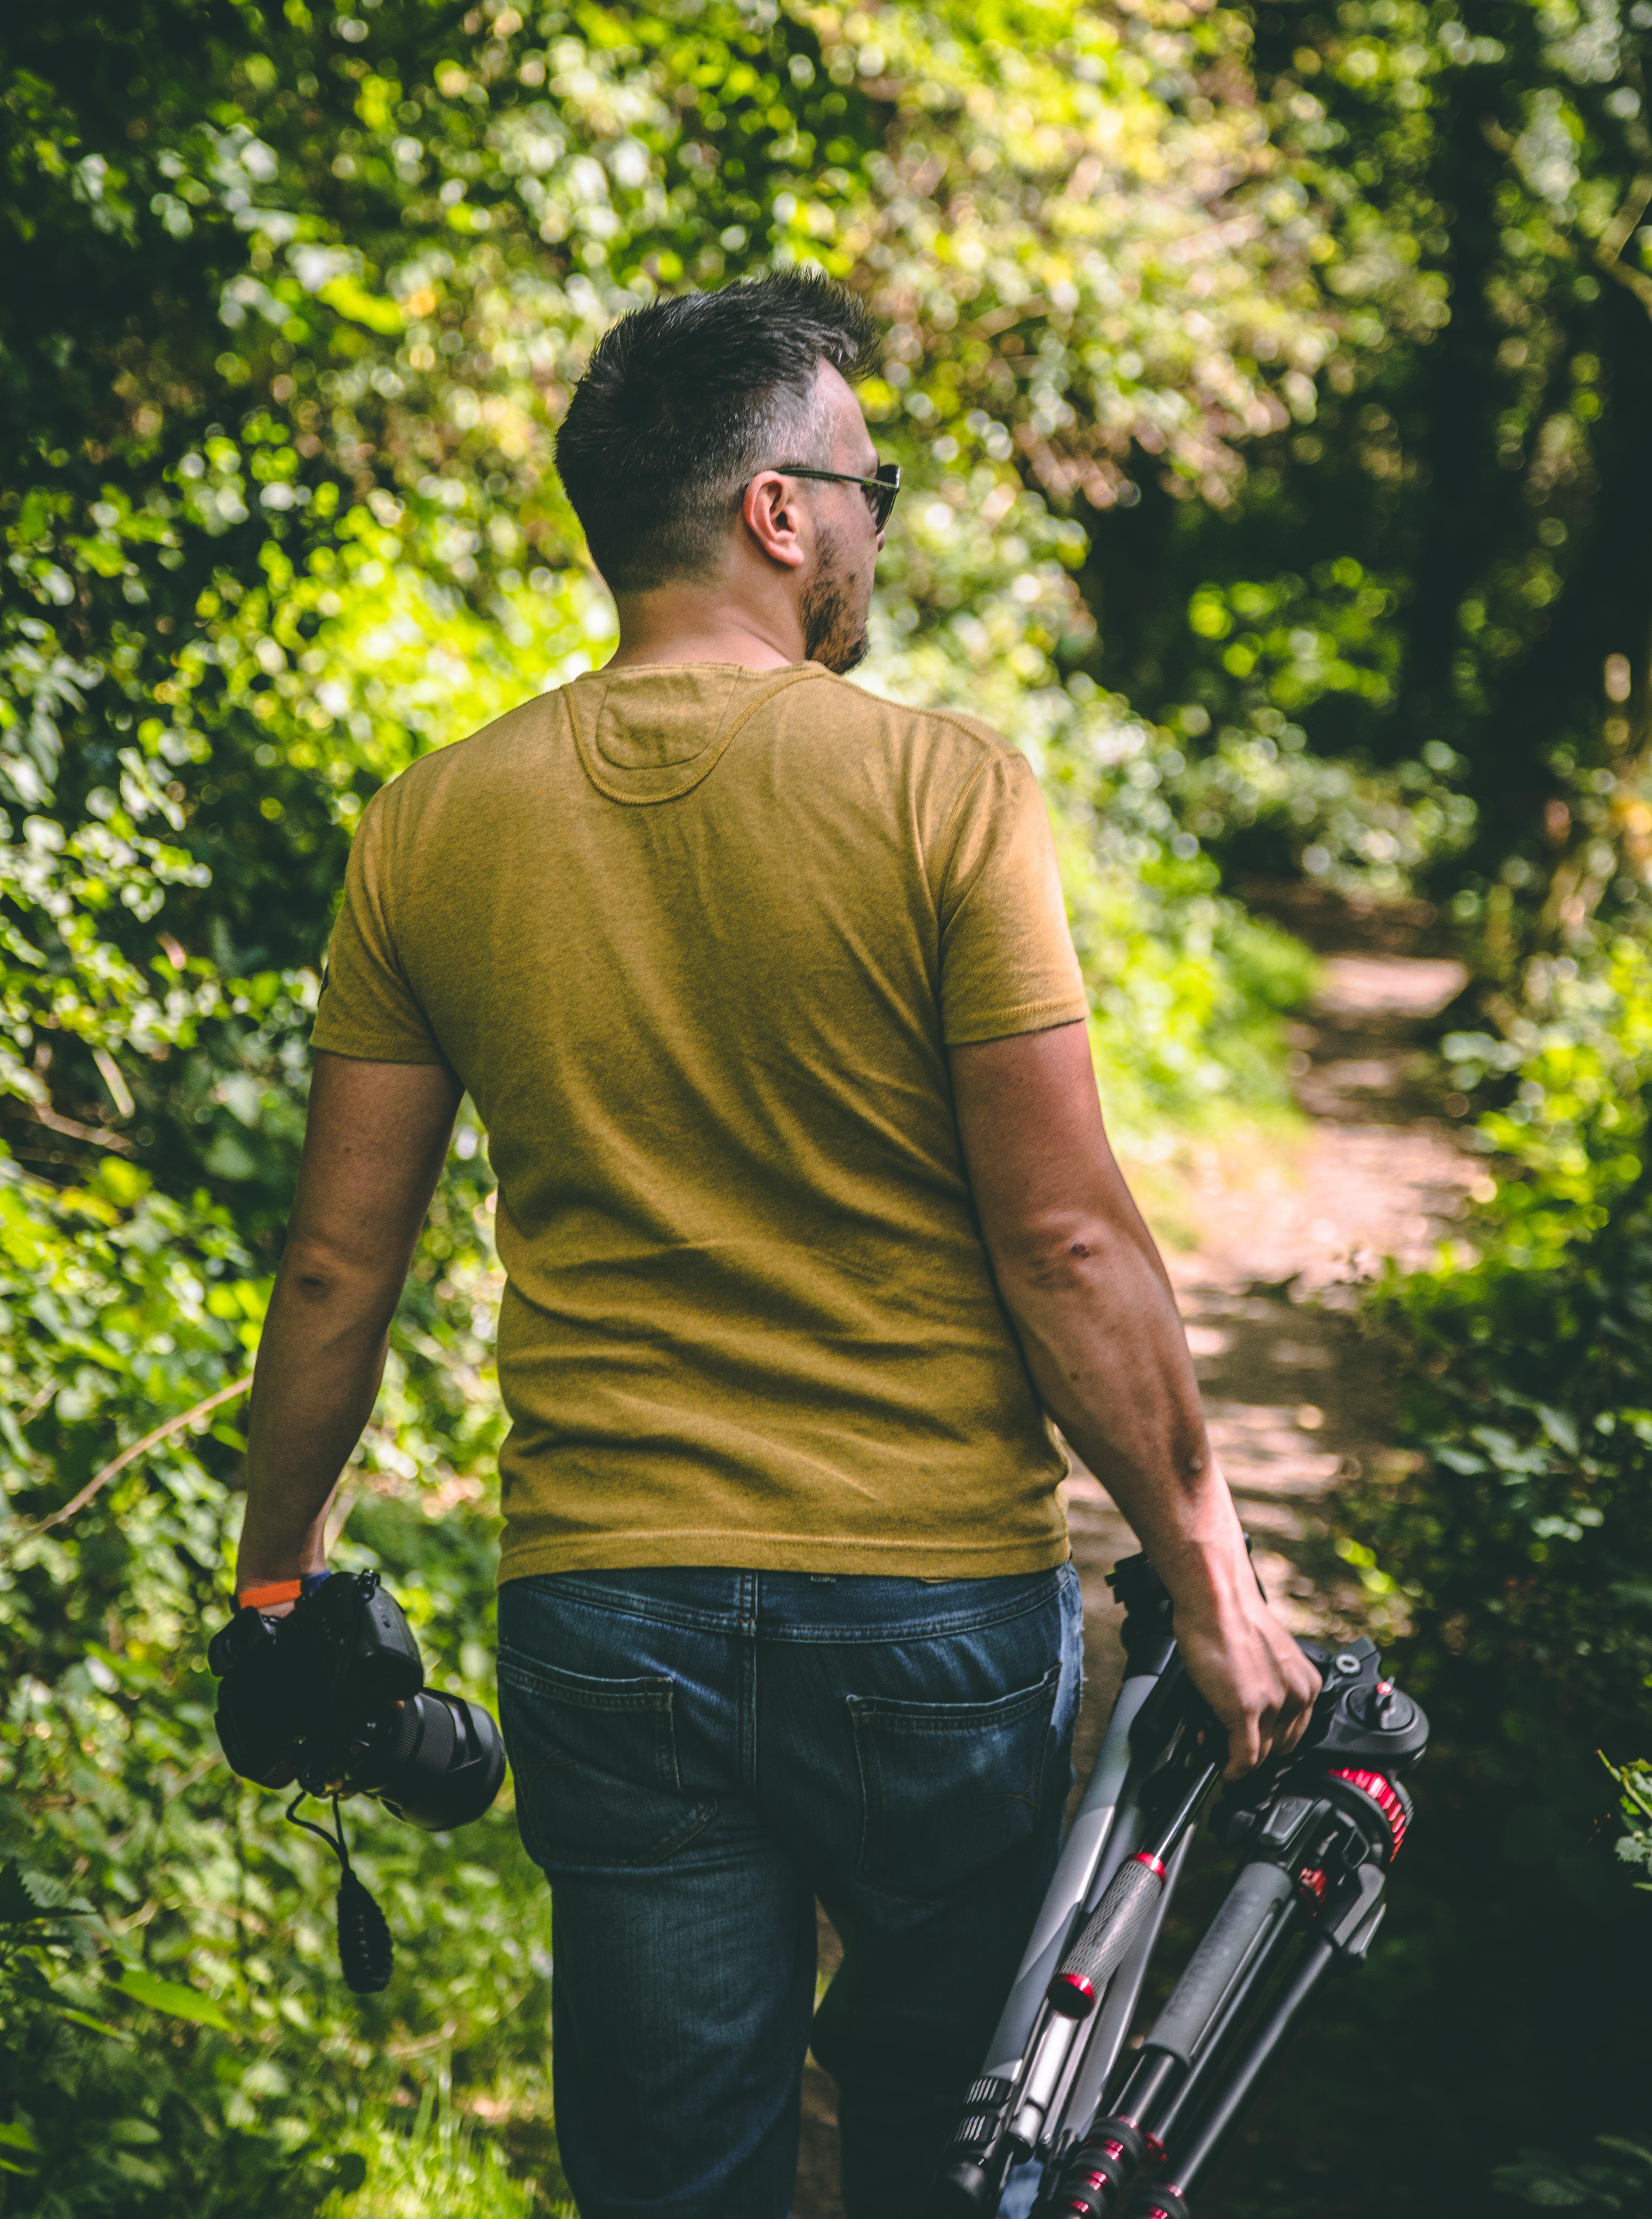 man wearing yellow T-shirt holding tripod and DSLR camera